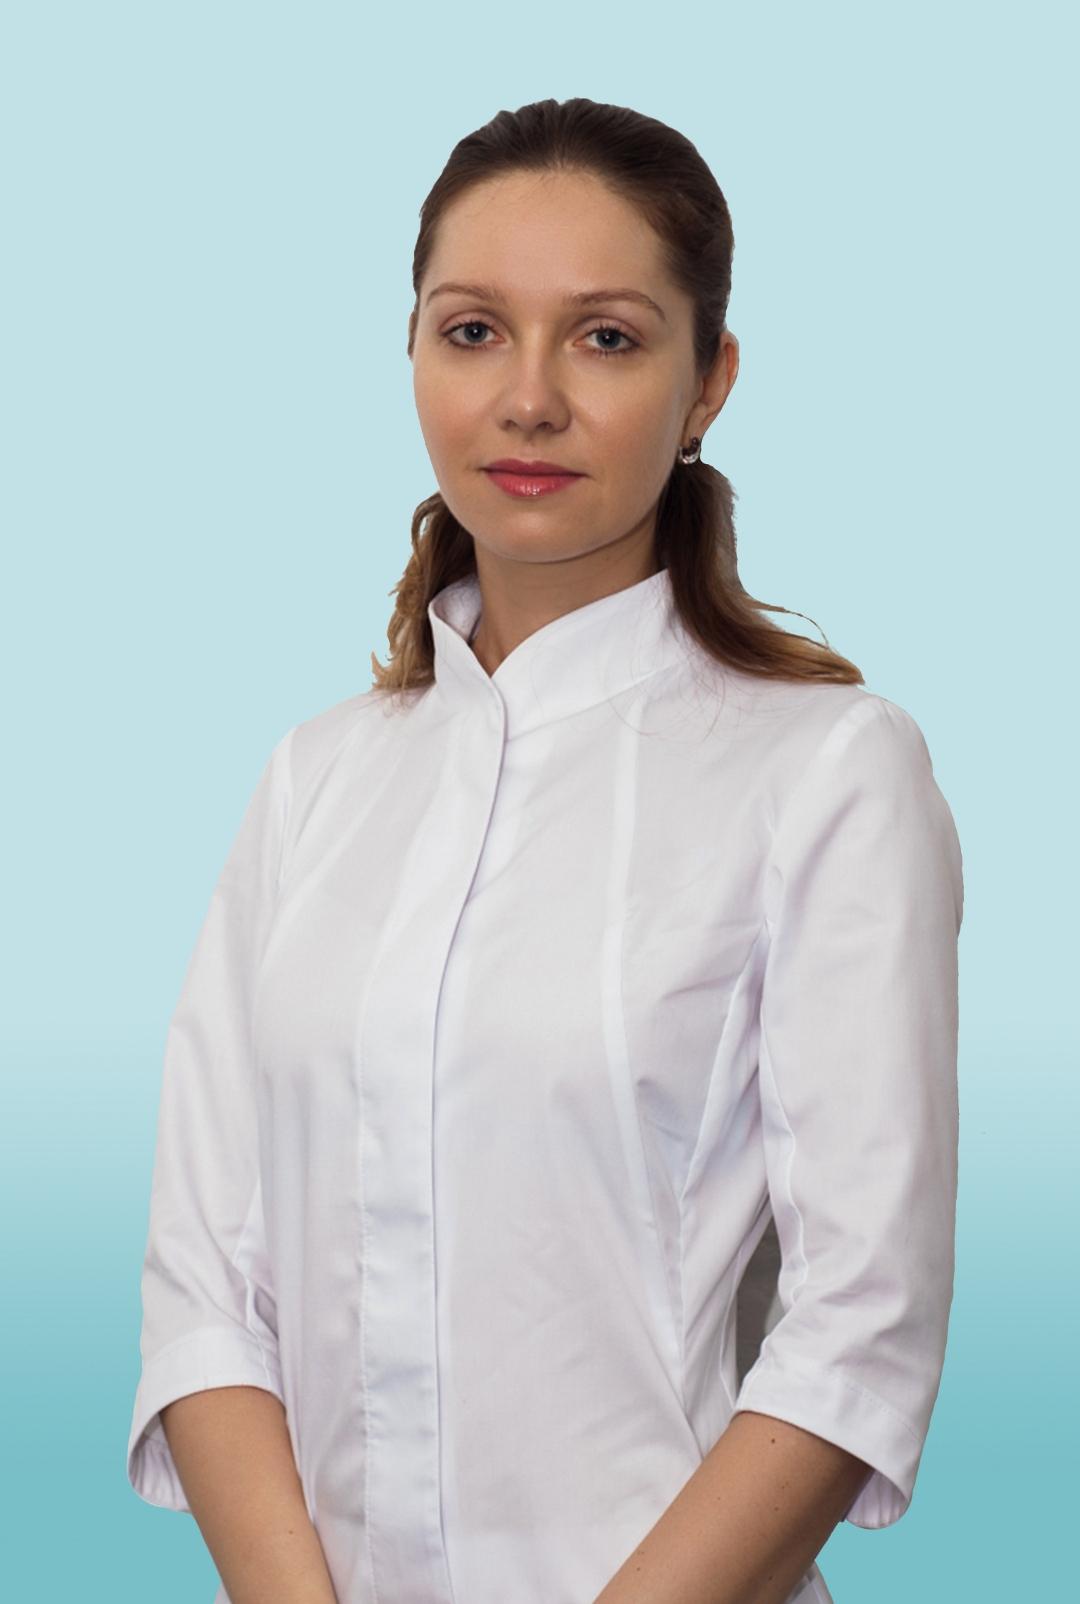 Врач акушер-гинеколог Мельникова Олеся Валерьевна